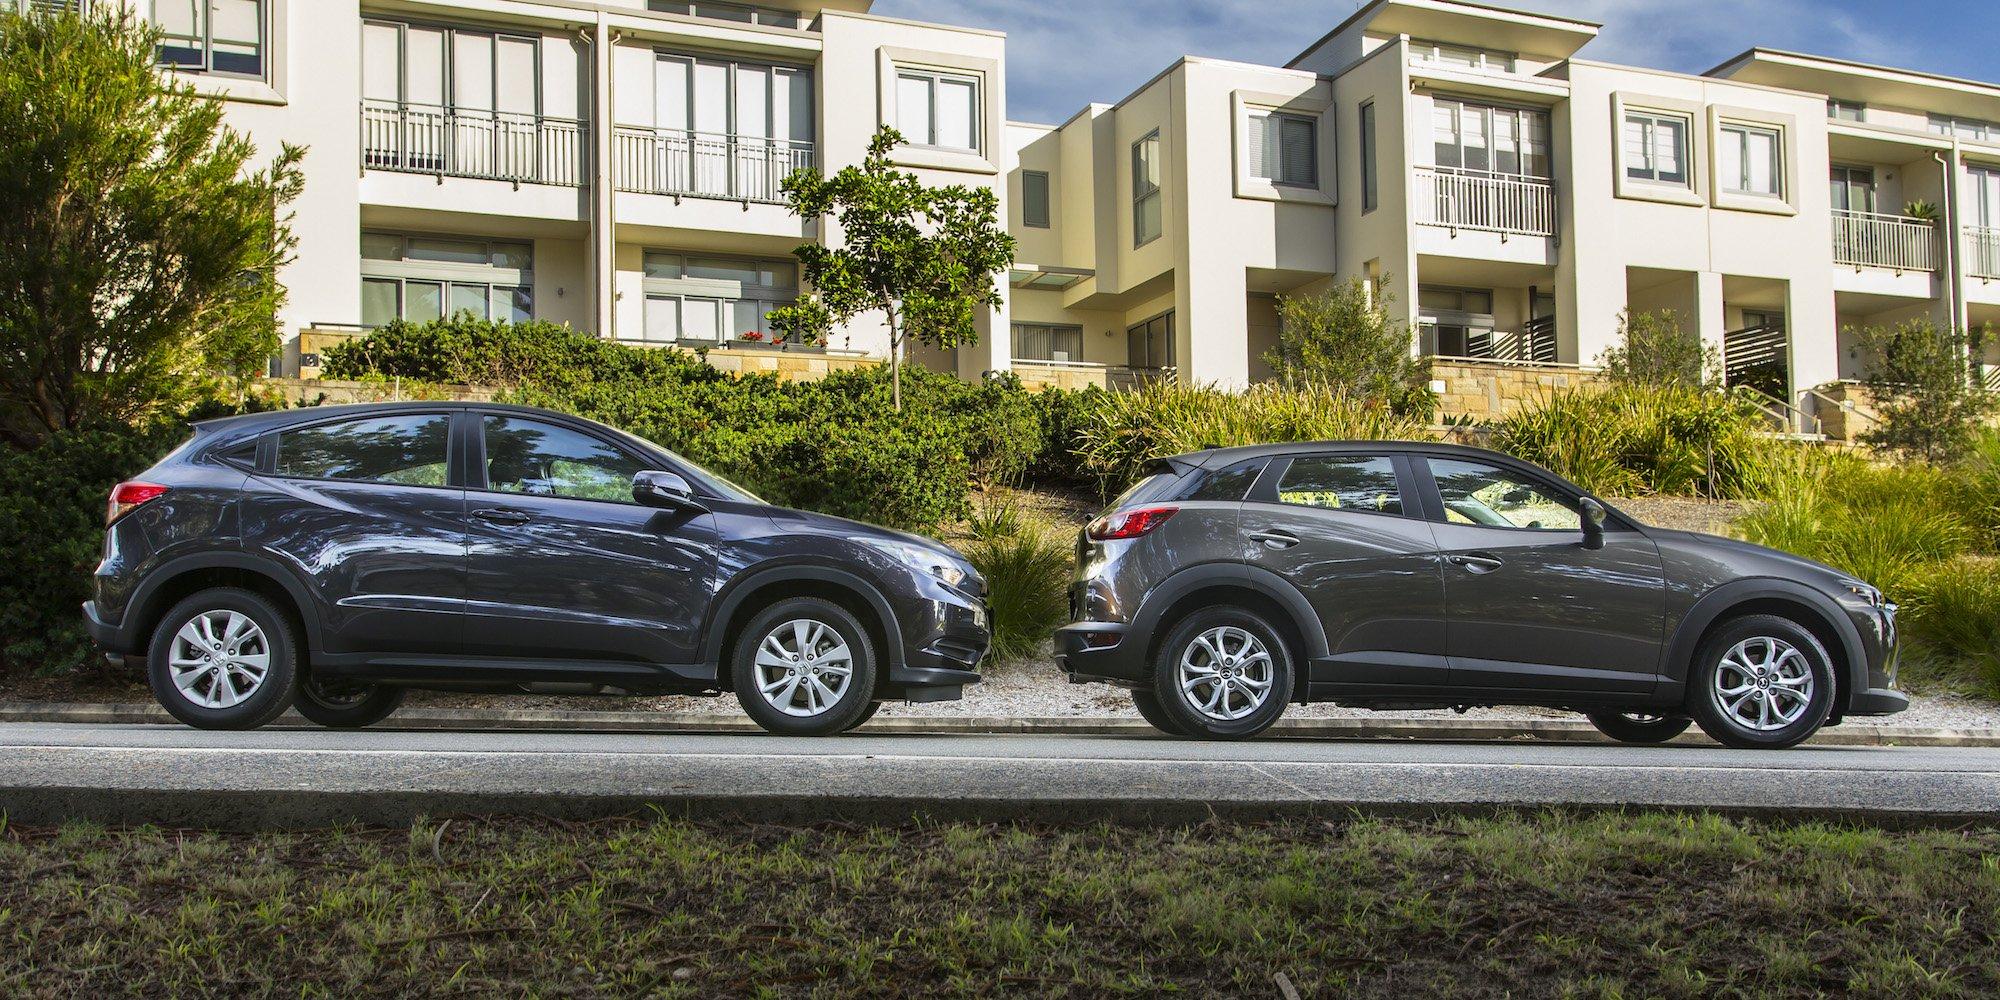 Mazda Cx 3 Vs Honda Hrv >> Honda Hr V Vti V Mazda Cx 3 Maxx Comparison Review Caradvice